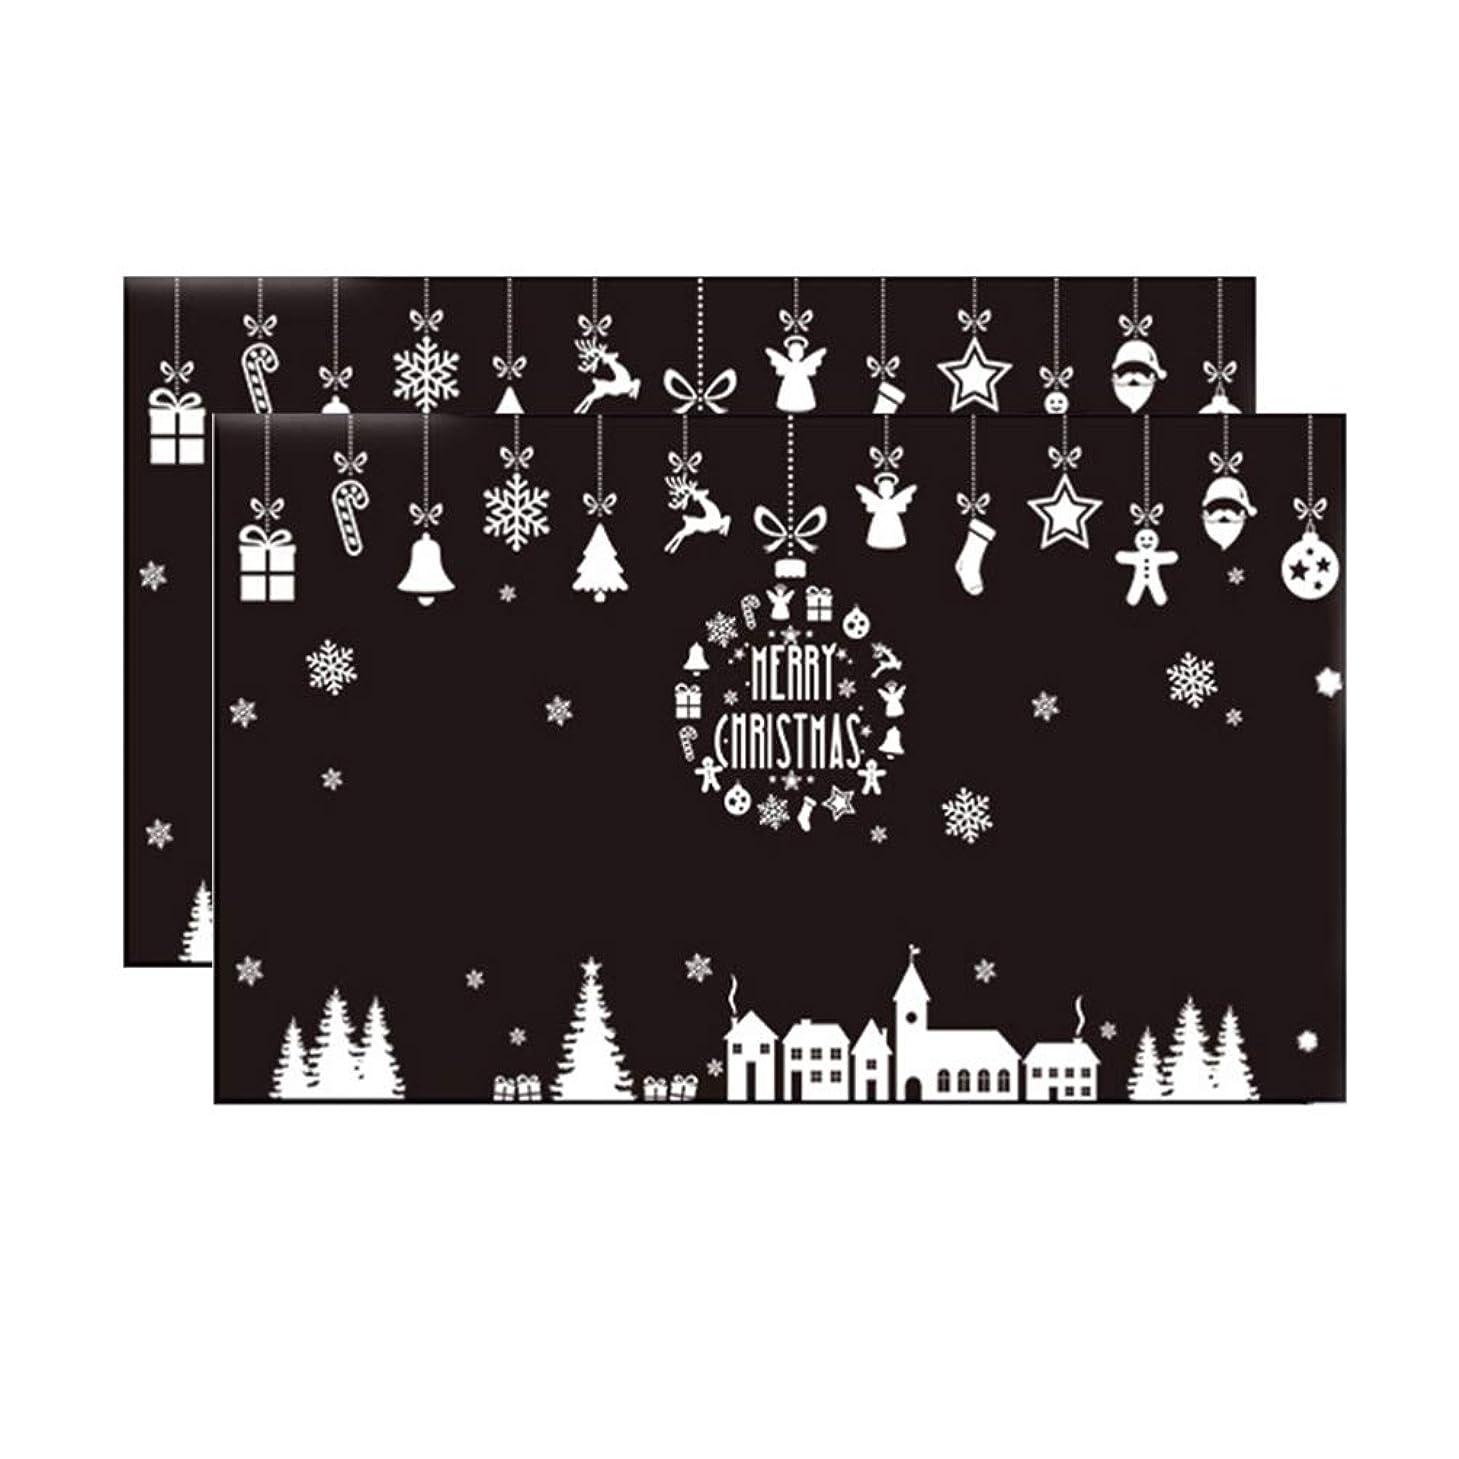 単なるパックお勧めSUPVOX 2枚のクリスマスウィンドウにしがみつく装飾スノーフレークウィンドウデカールステッカークリスマス冬のホリデーパーティー用品好意